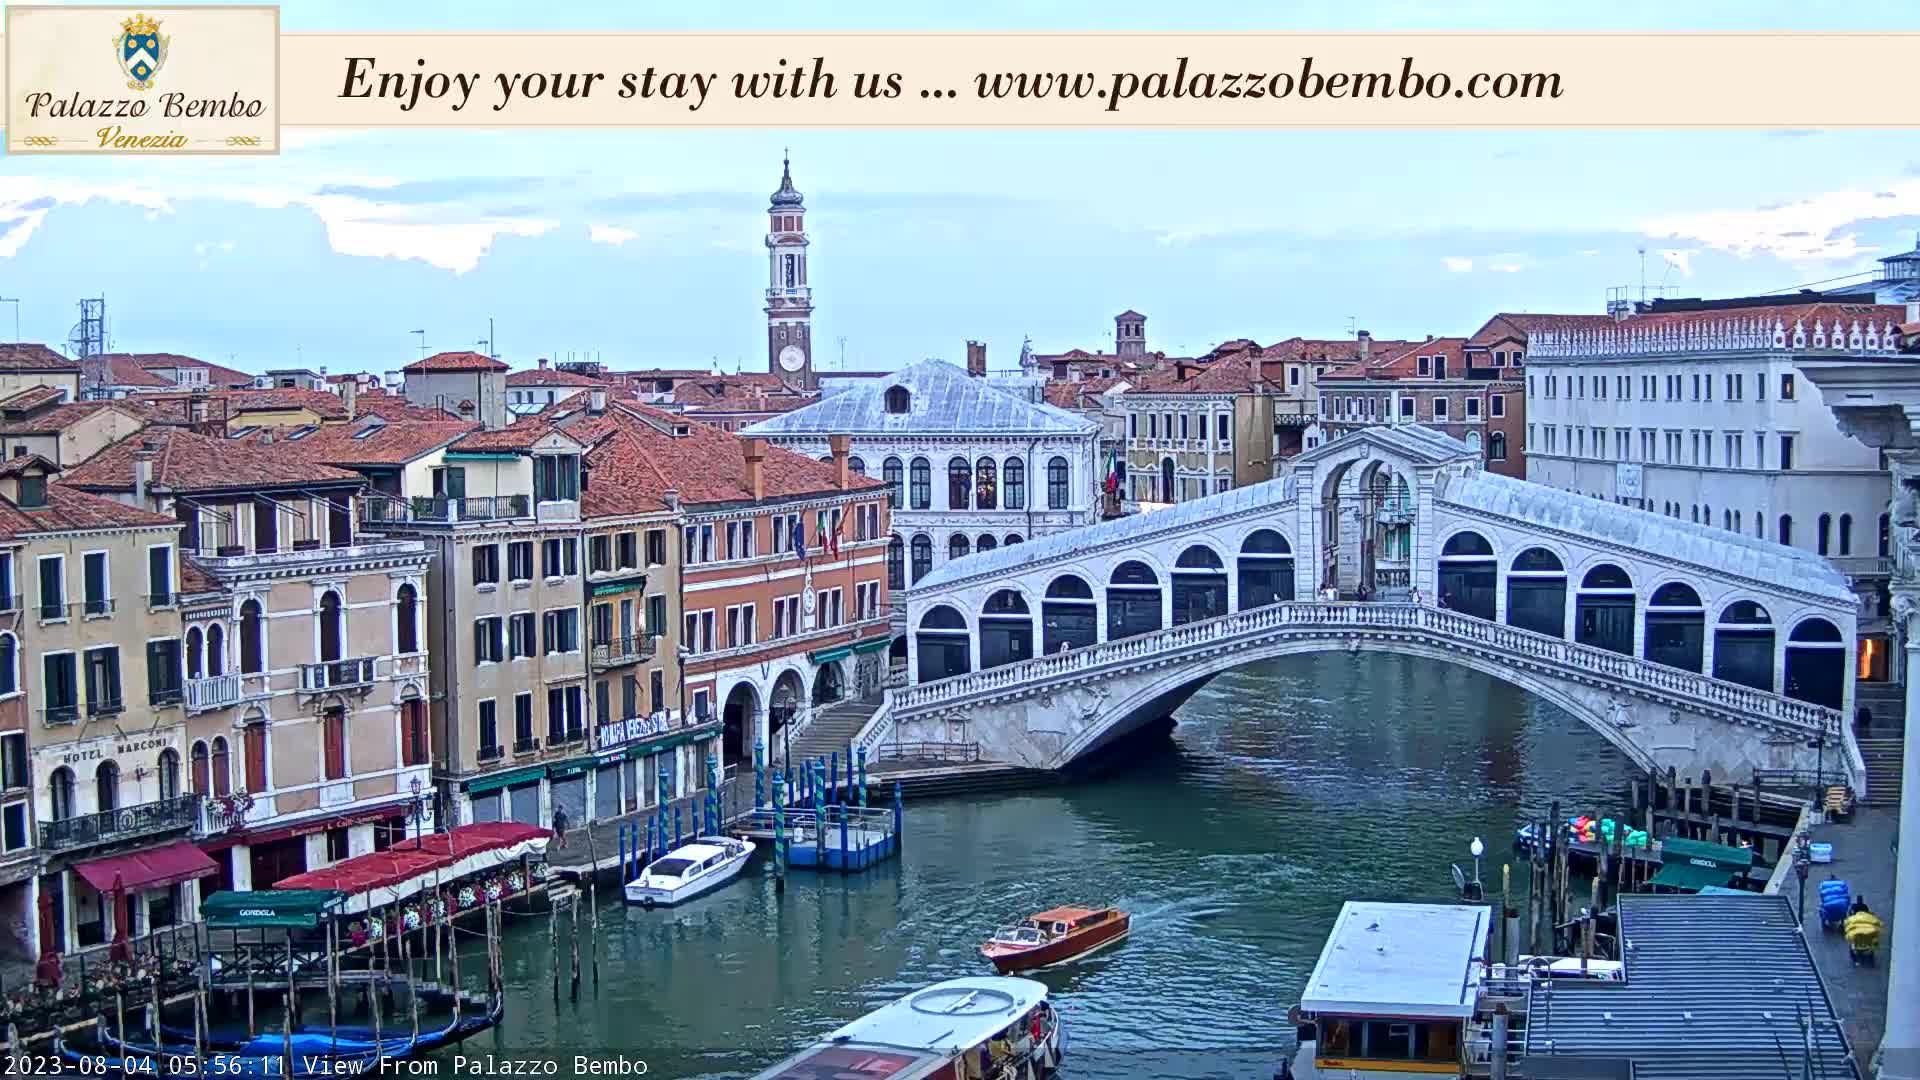 Venice Mon. 05:56